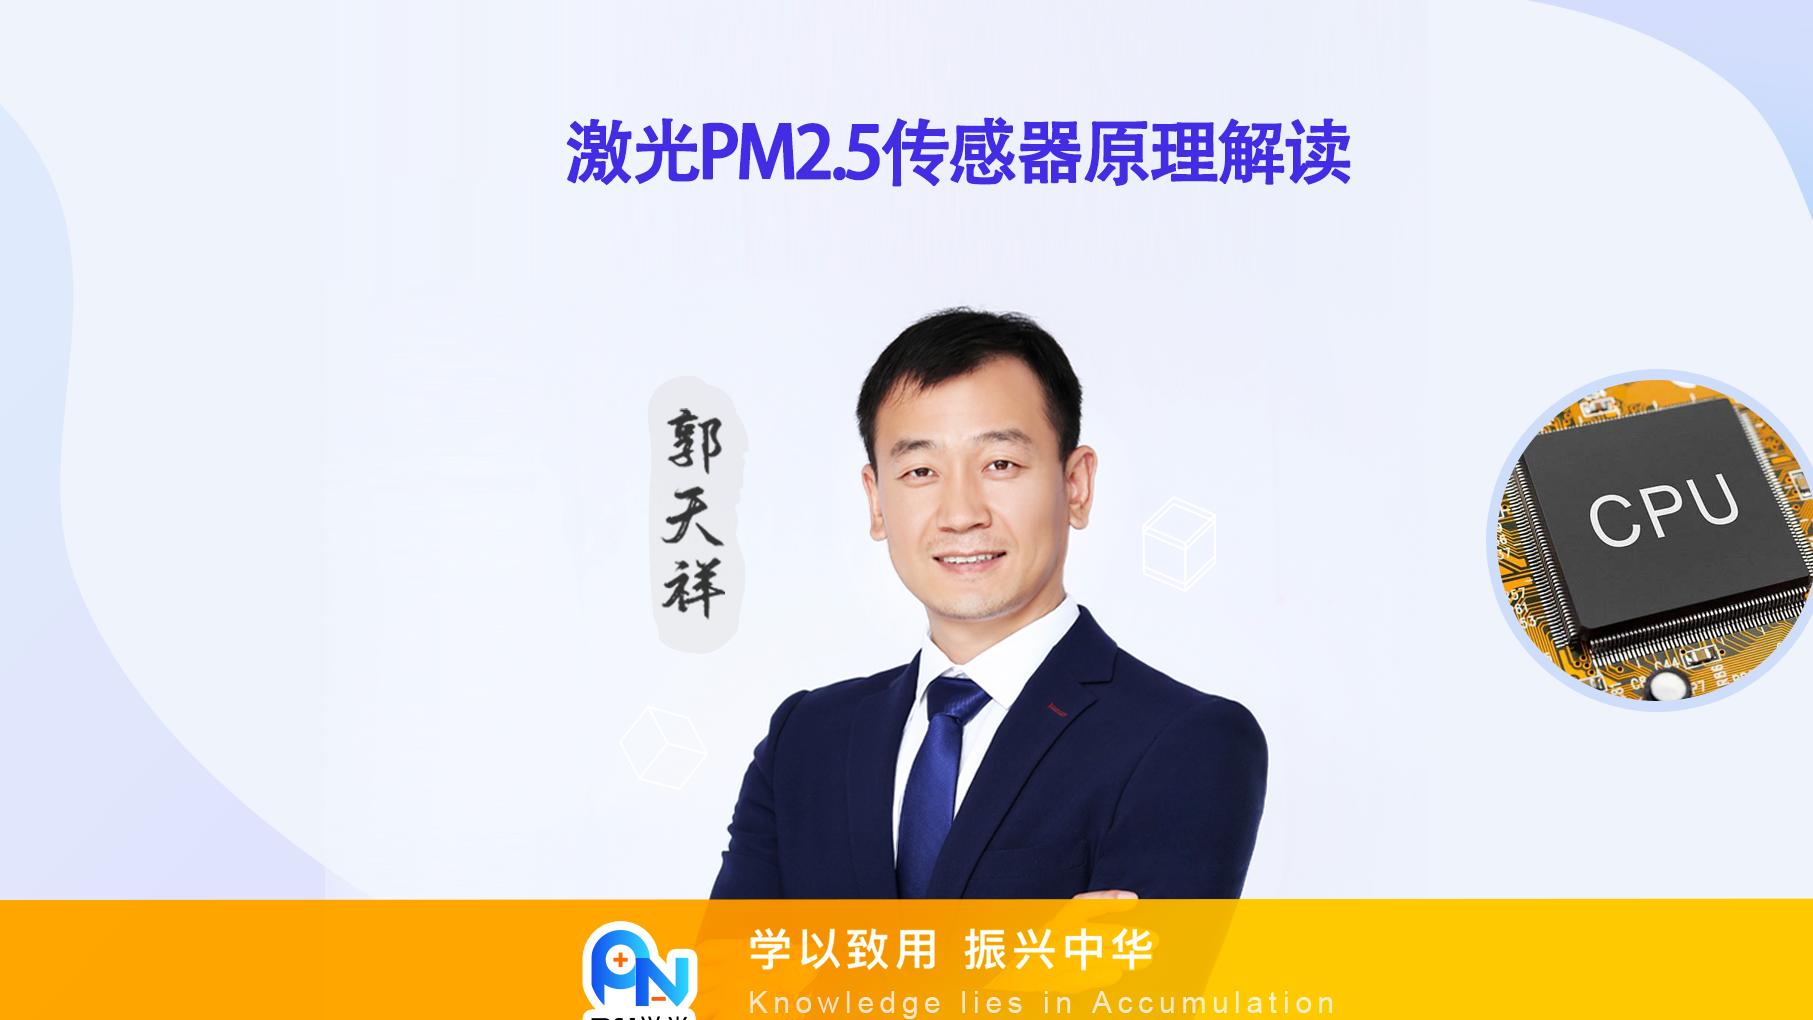 郭天祥-激光PM2.5传感器原理解读-PN学堂